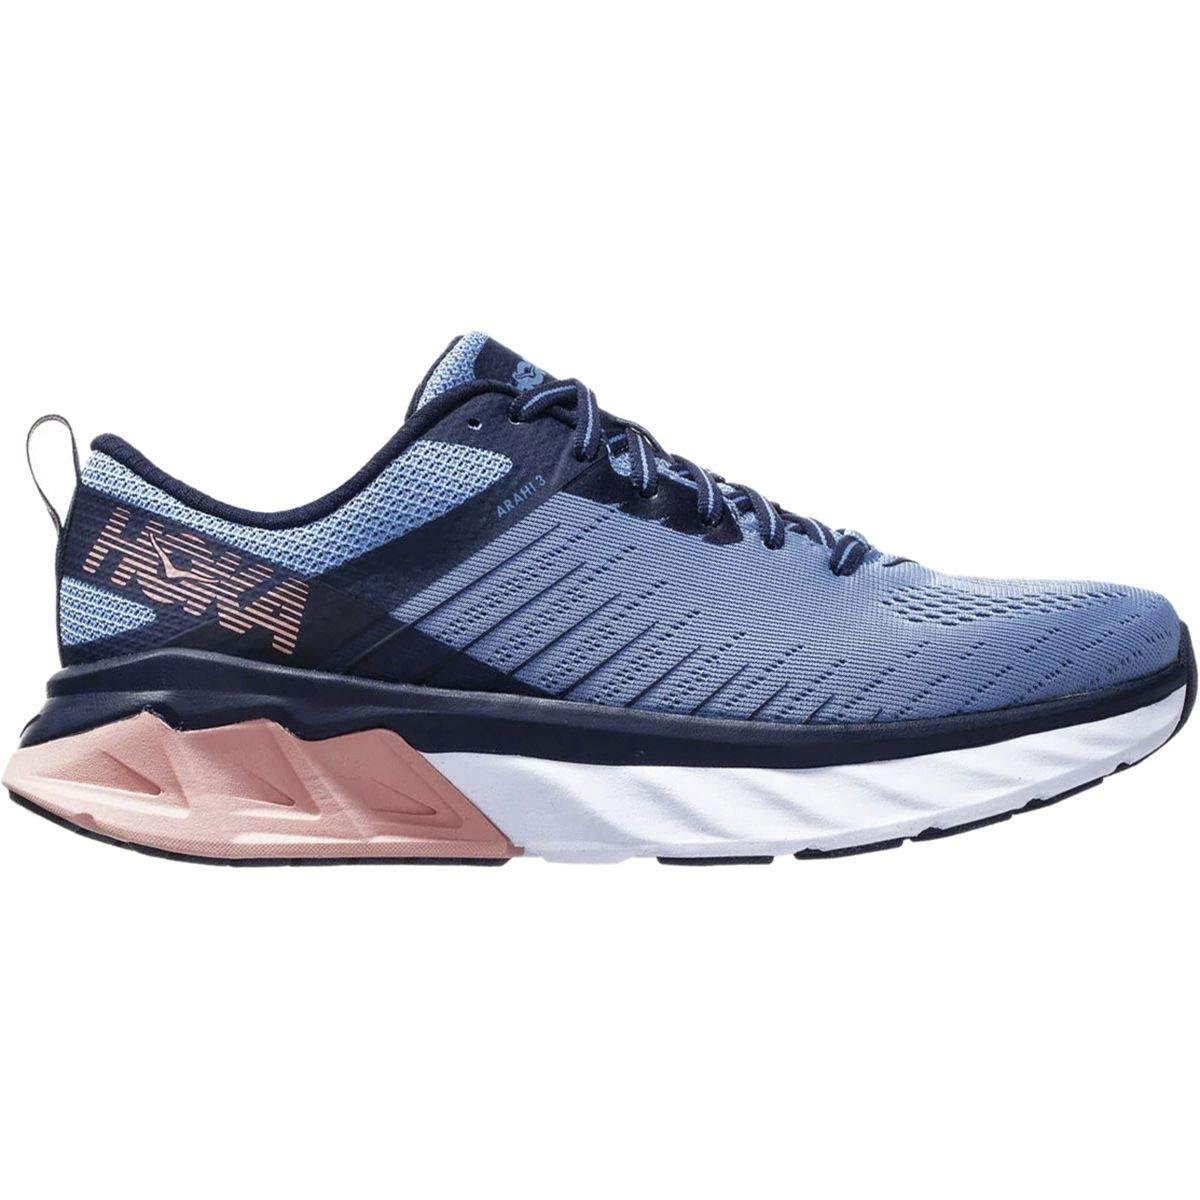 [ホッカオネオネ] レディース ランニング ランニング レディース Arahi 3 Running Shoe Running [並行輸入品] B07P2VDVG1 6, 東脊振村:5c3f5480 --- dqfansurvey.online